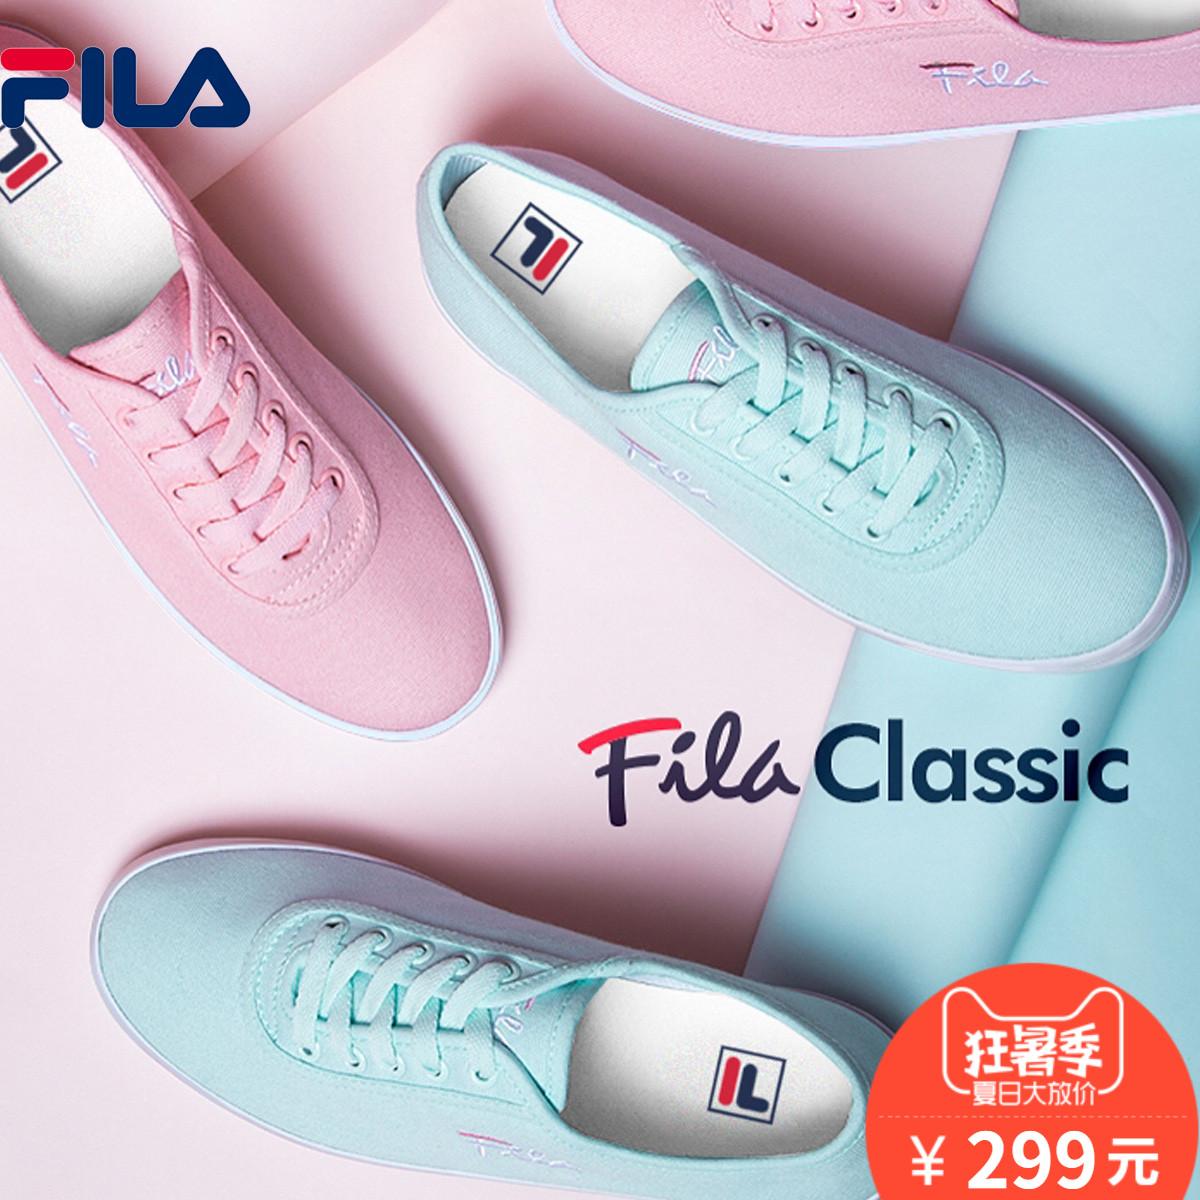 Fila Fila nữ 2018 mùa xuân thể thao và giải trí tennis trắng giày giày vải | F12W811325F